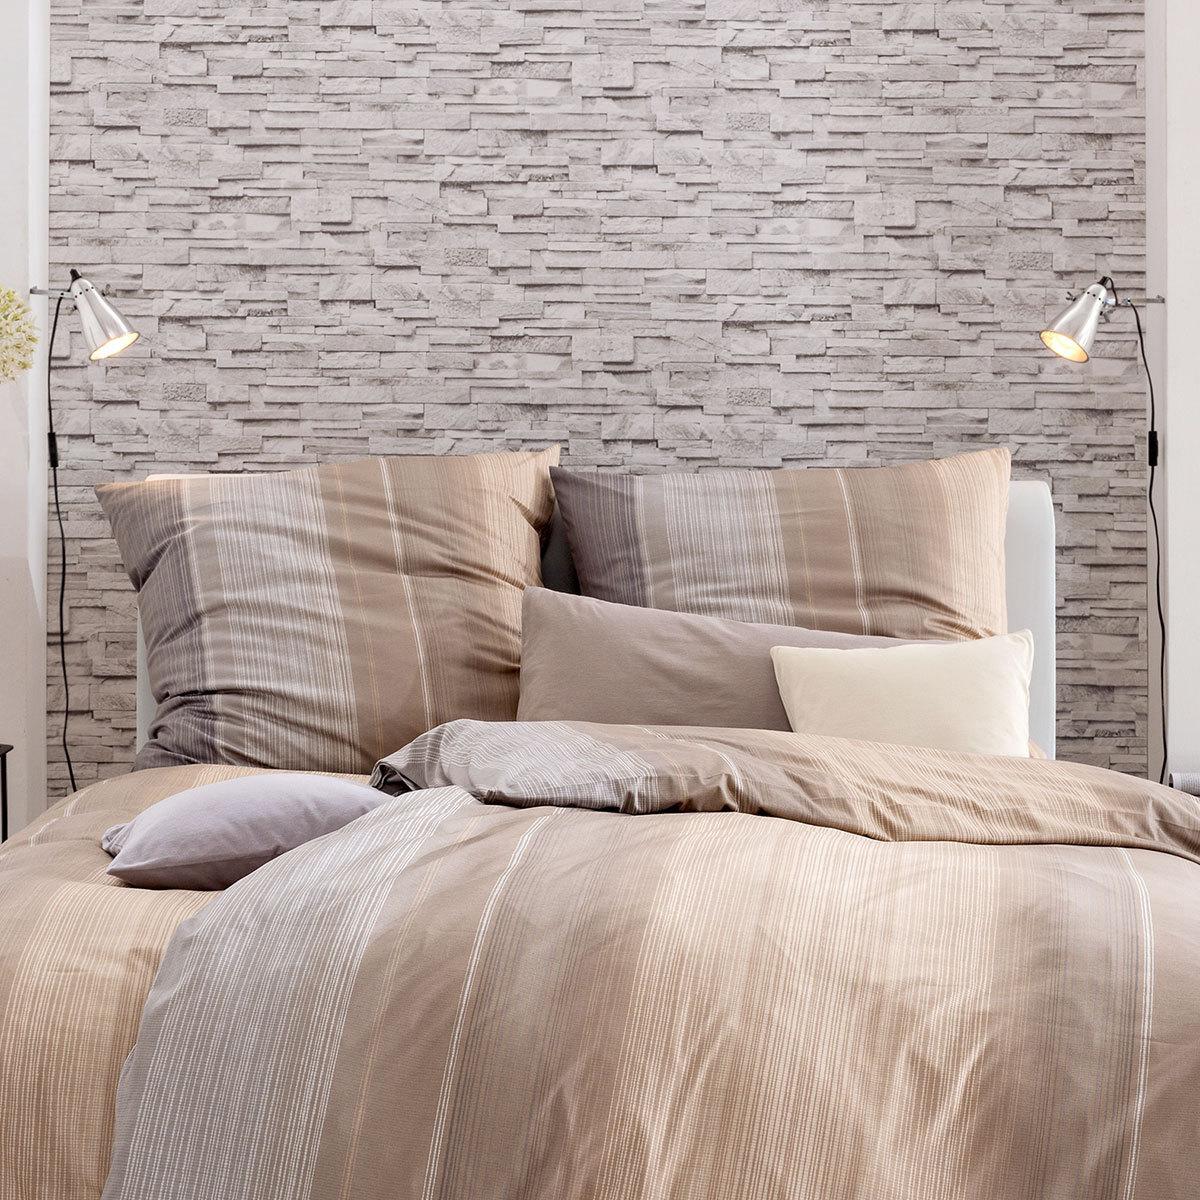 estella mako interlock jersey bettw sche luke nougat g nstig online kaufen bei bettwaren shop. Black Bedroom Furniture Sets. Home Design Ideas